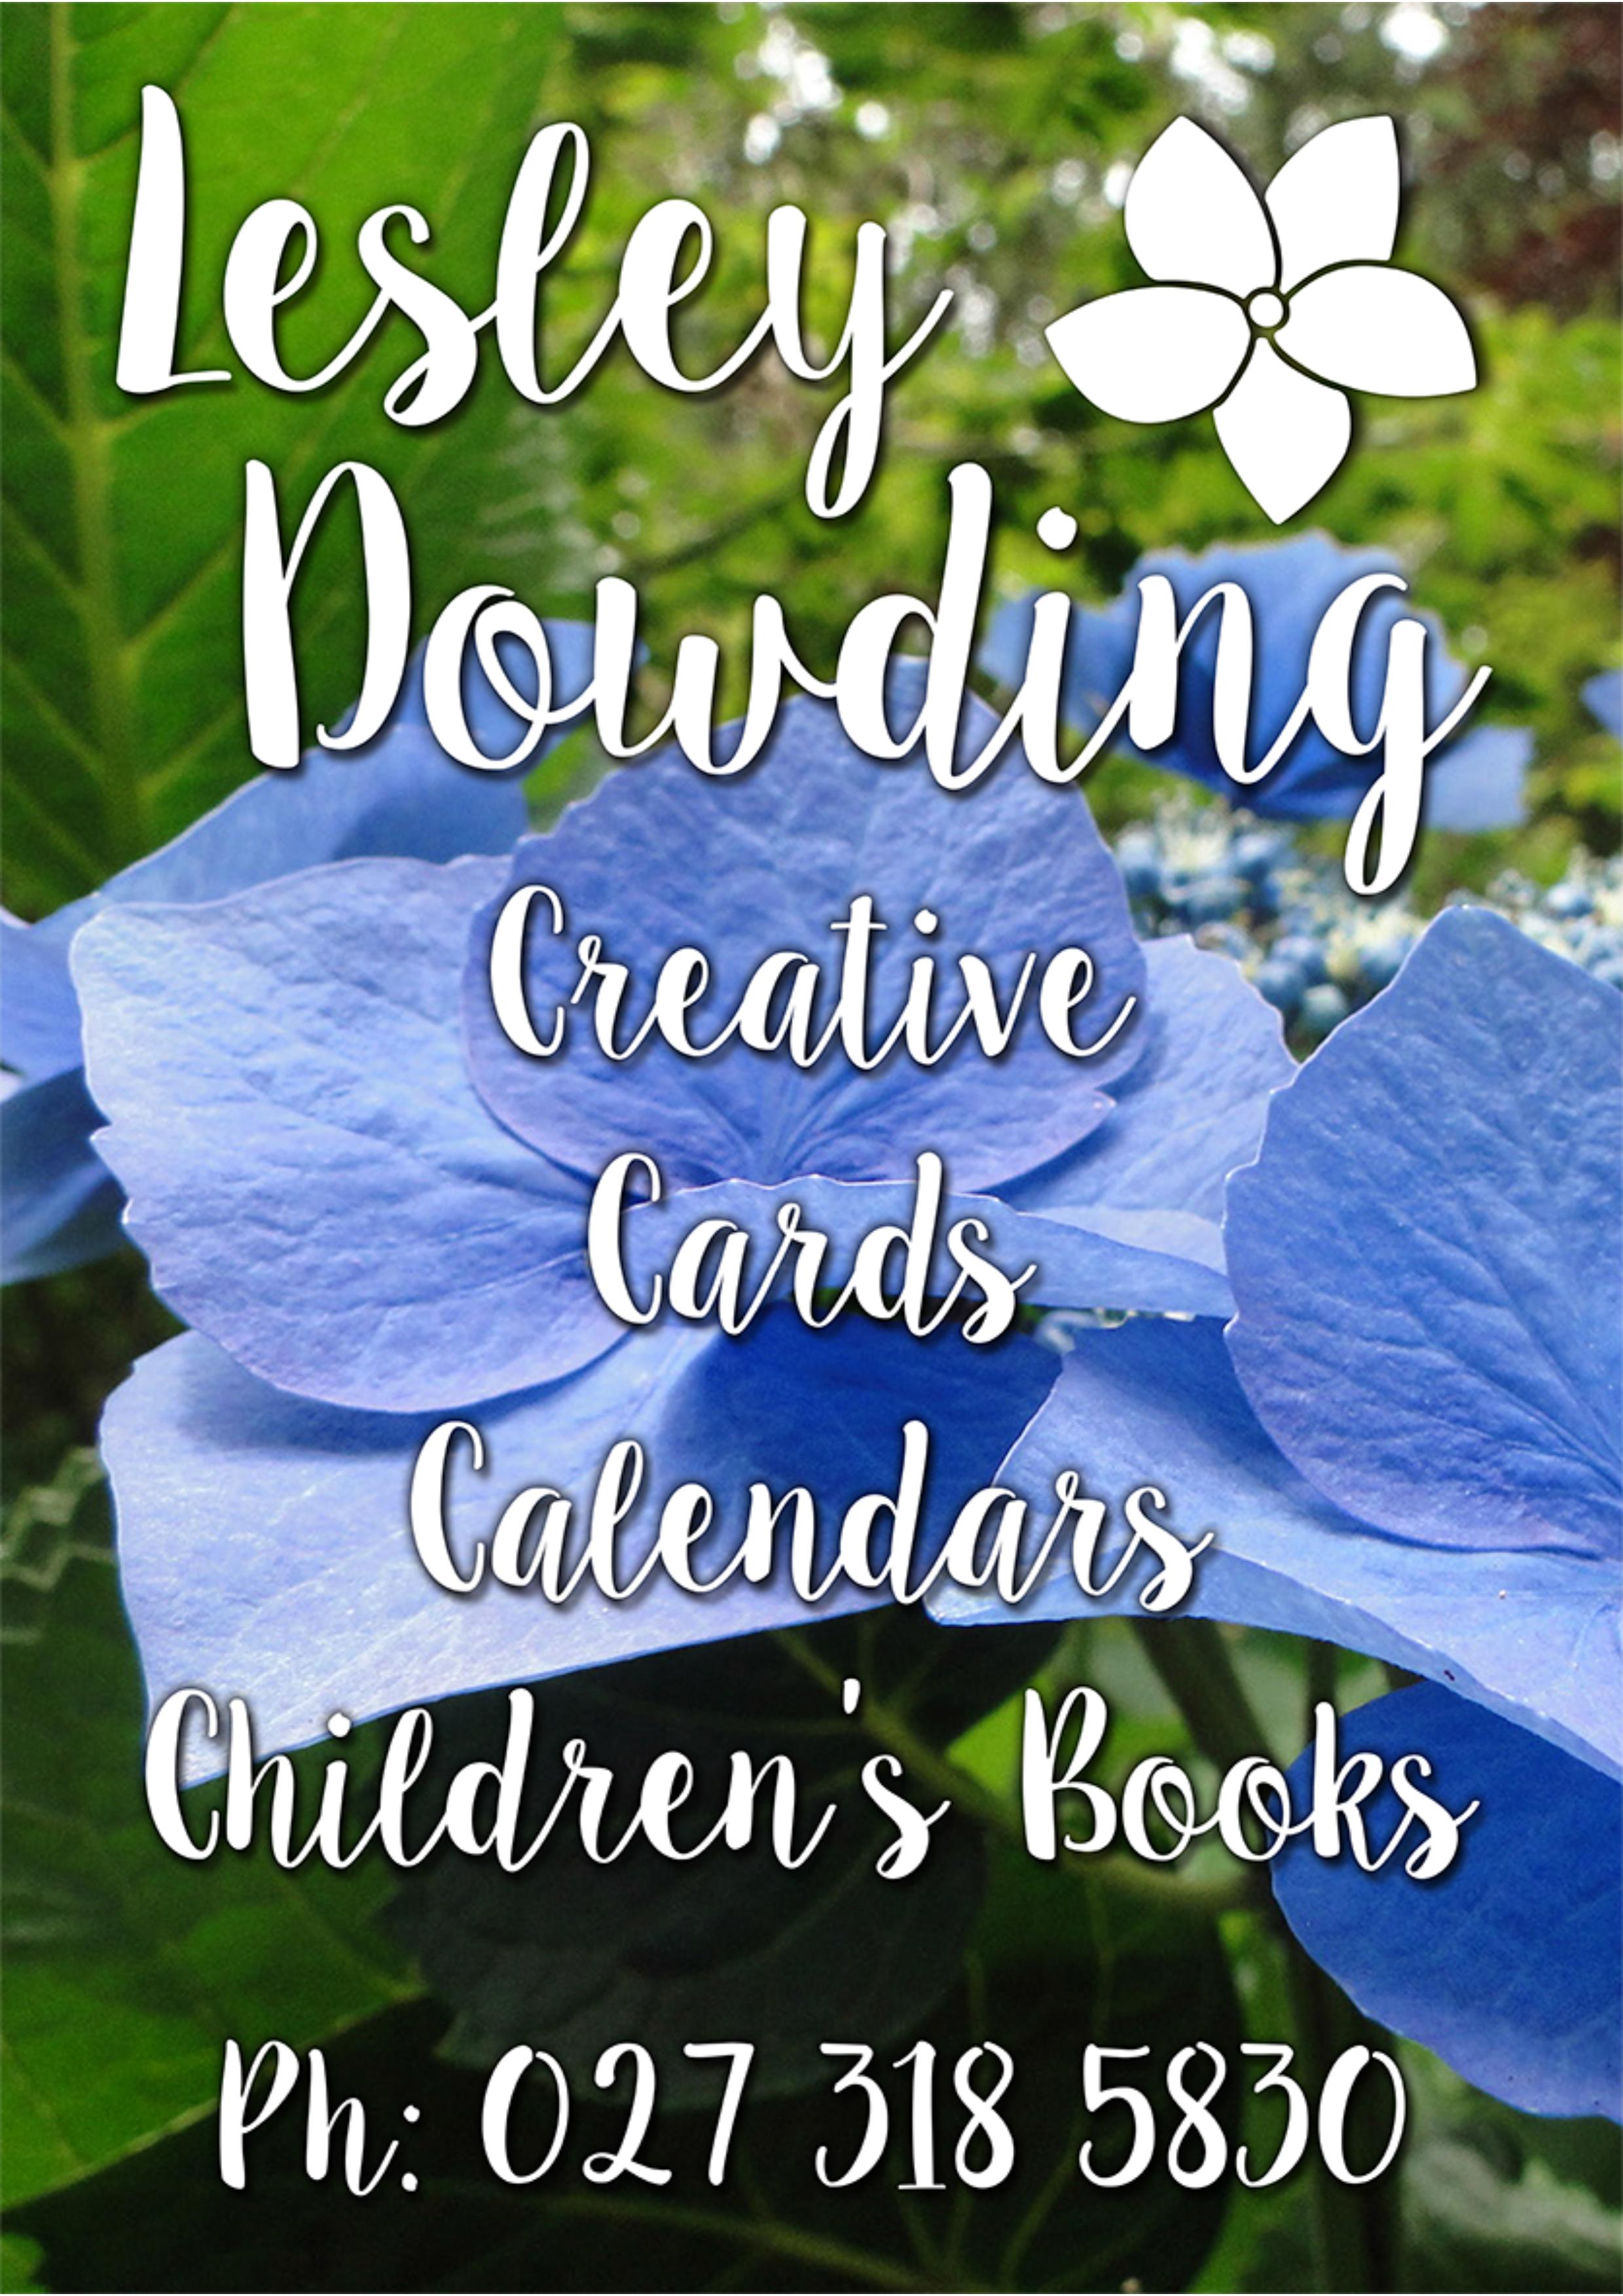 Lesley Dowding